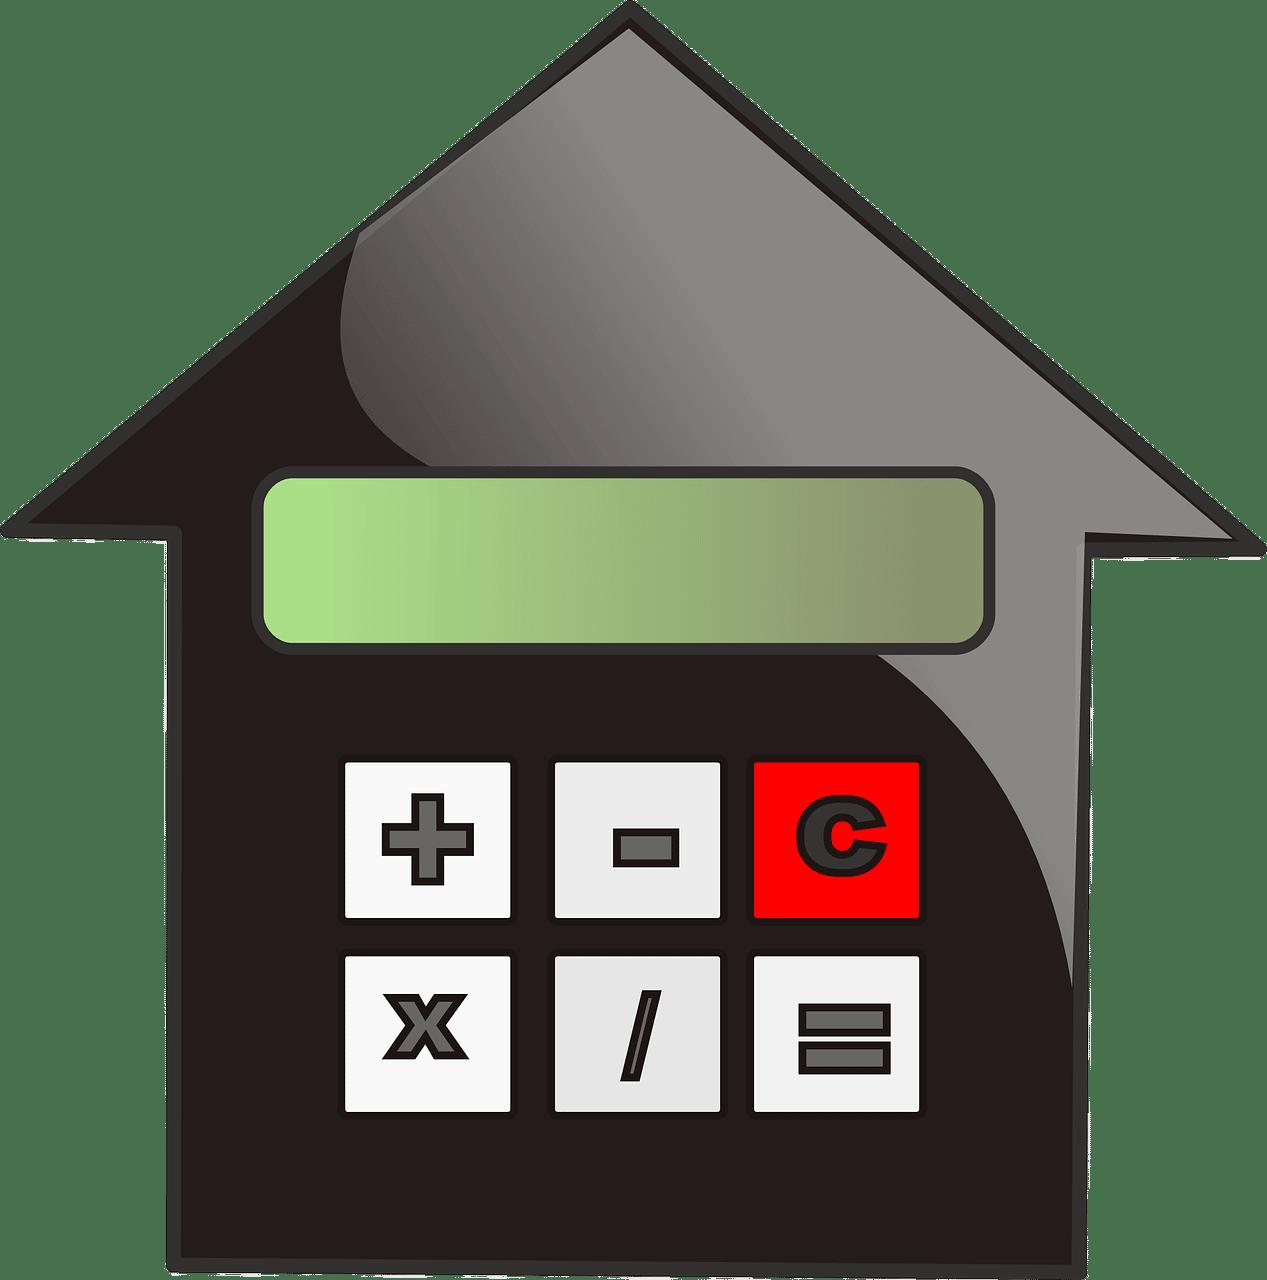 Comment se calculent les intérêts d'un prêt immobilier ?